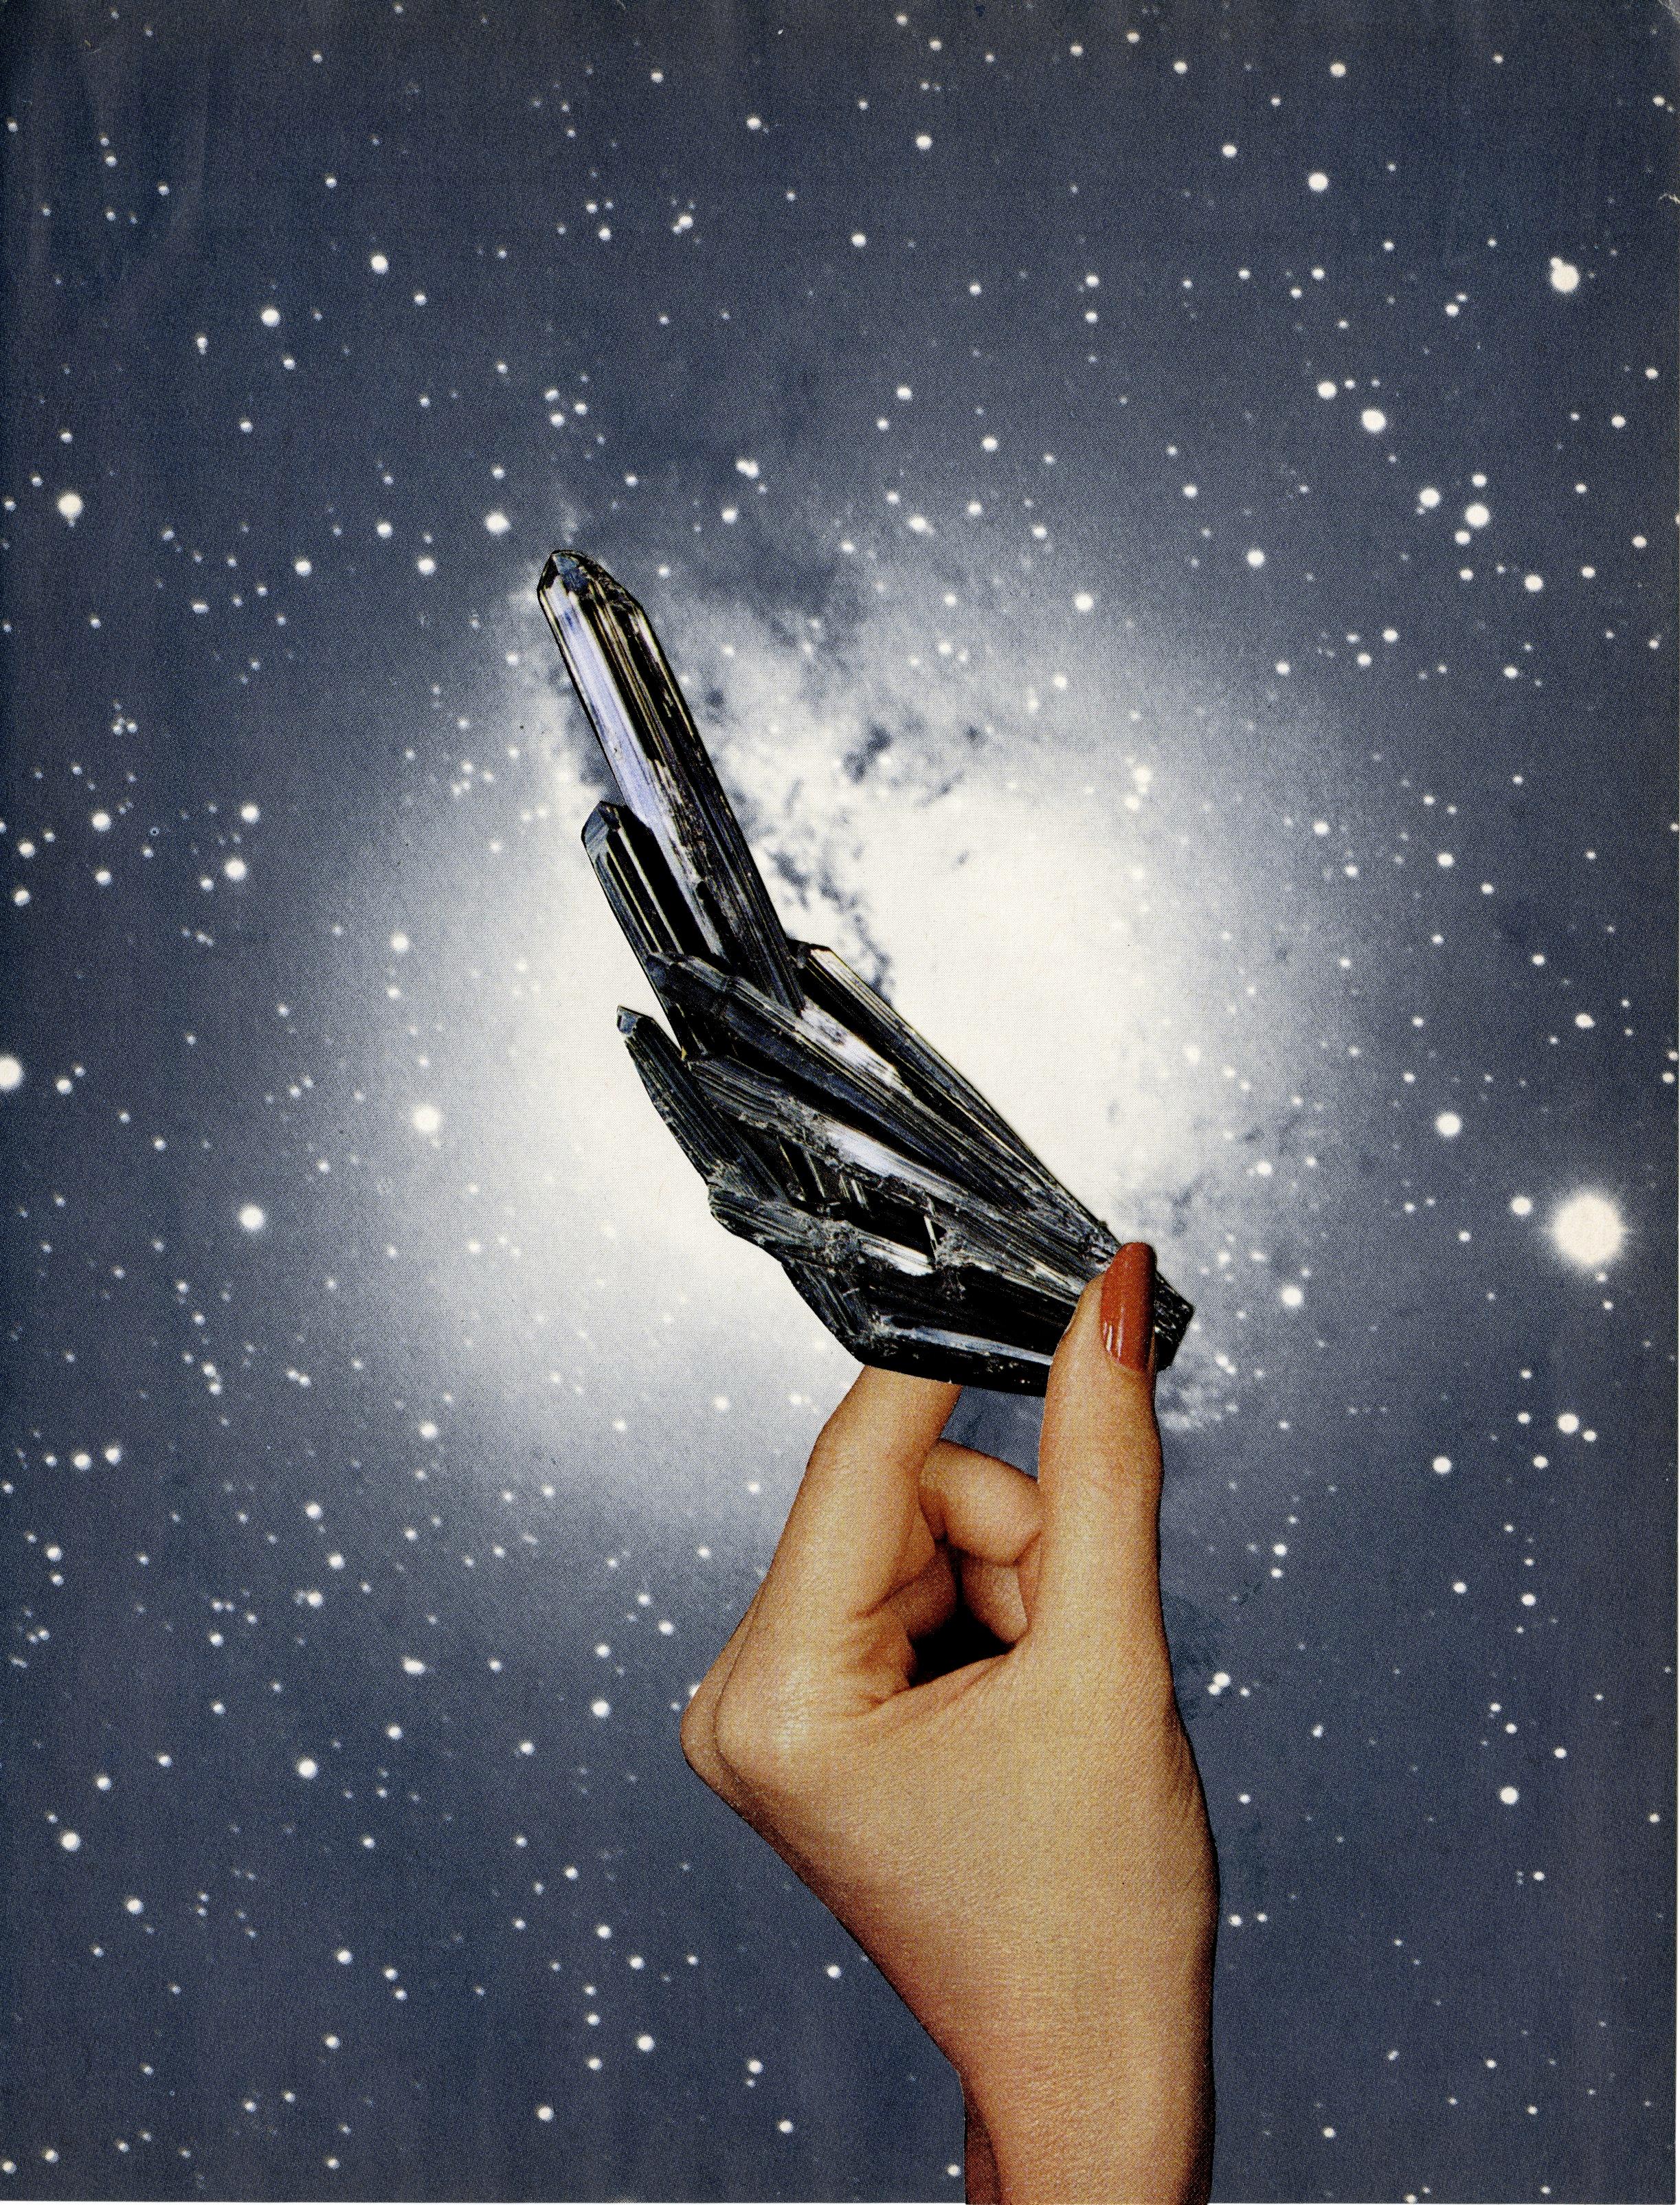 space keepers005.jpg